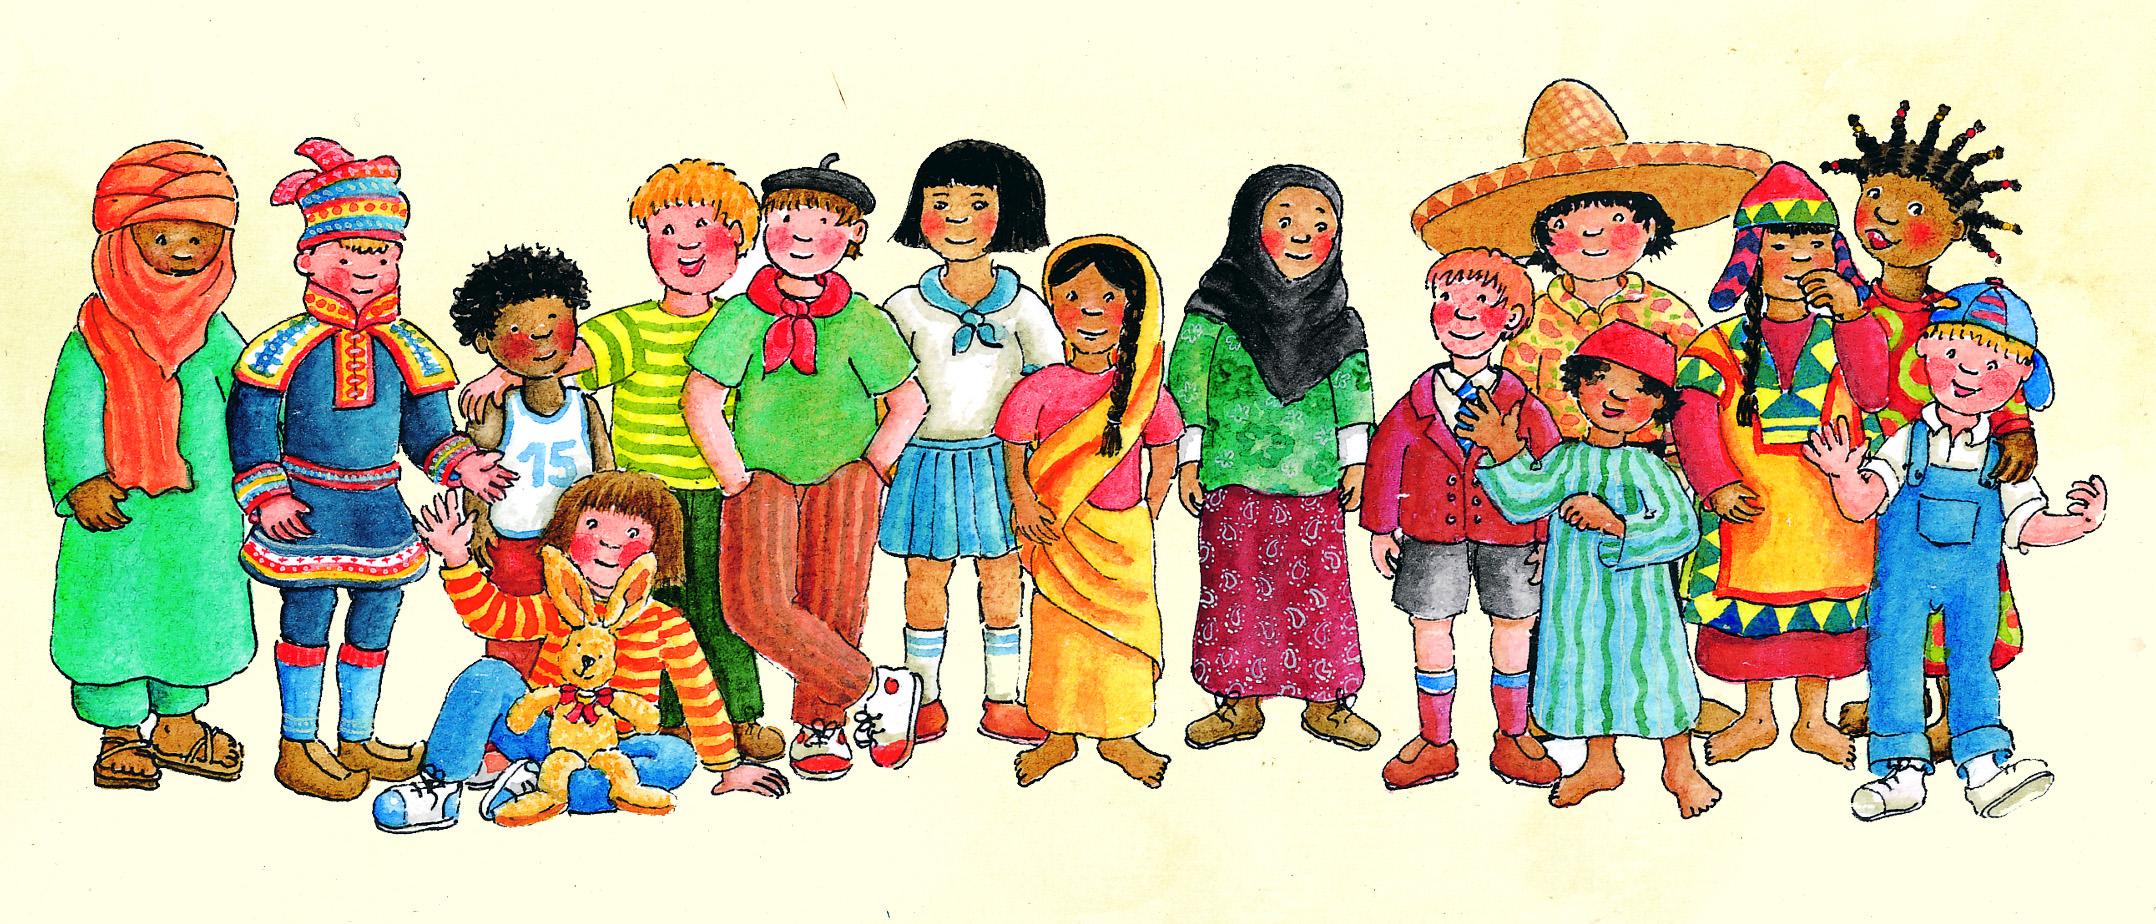 Kennenlernen anderer kulturen